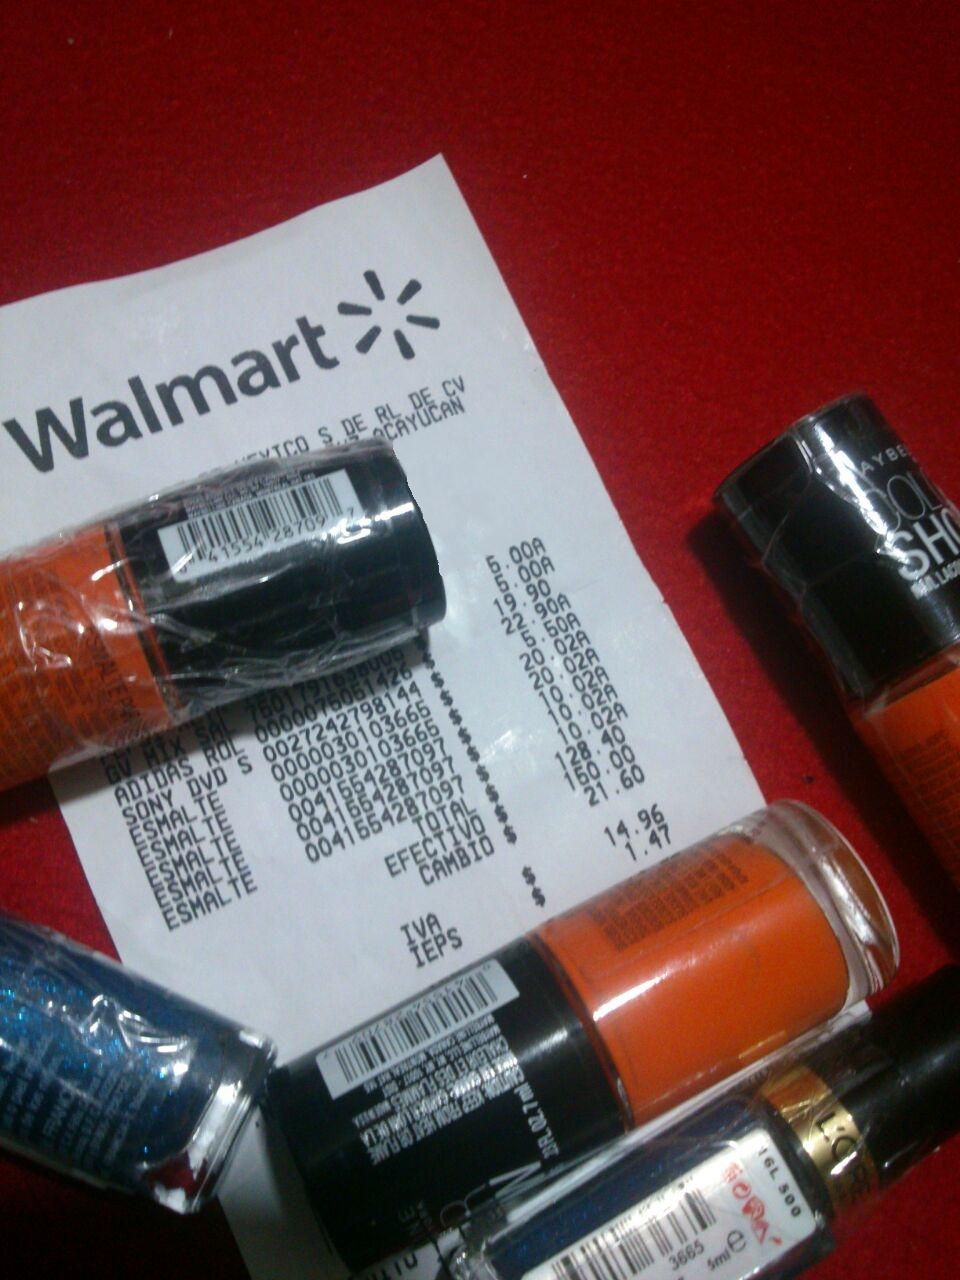 Walmart: Pintura de uñas a $10.02 y $20.02